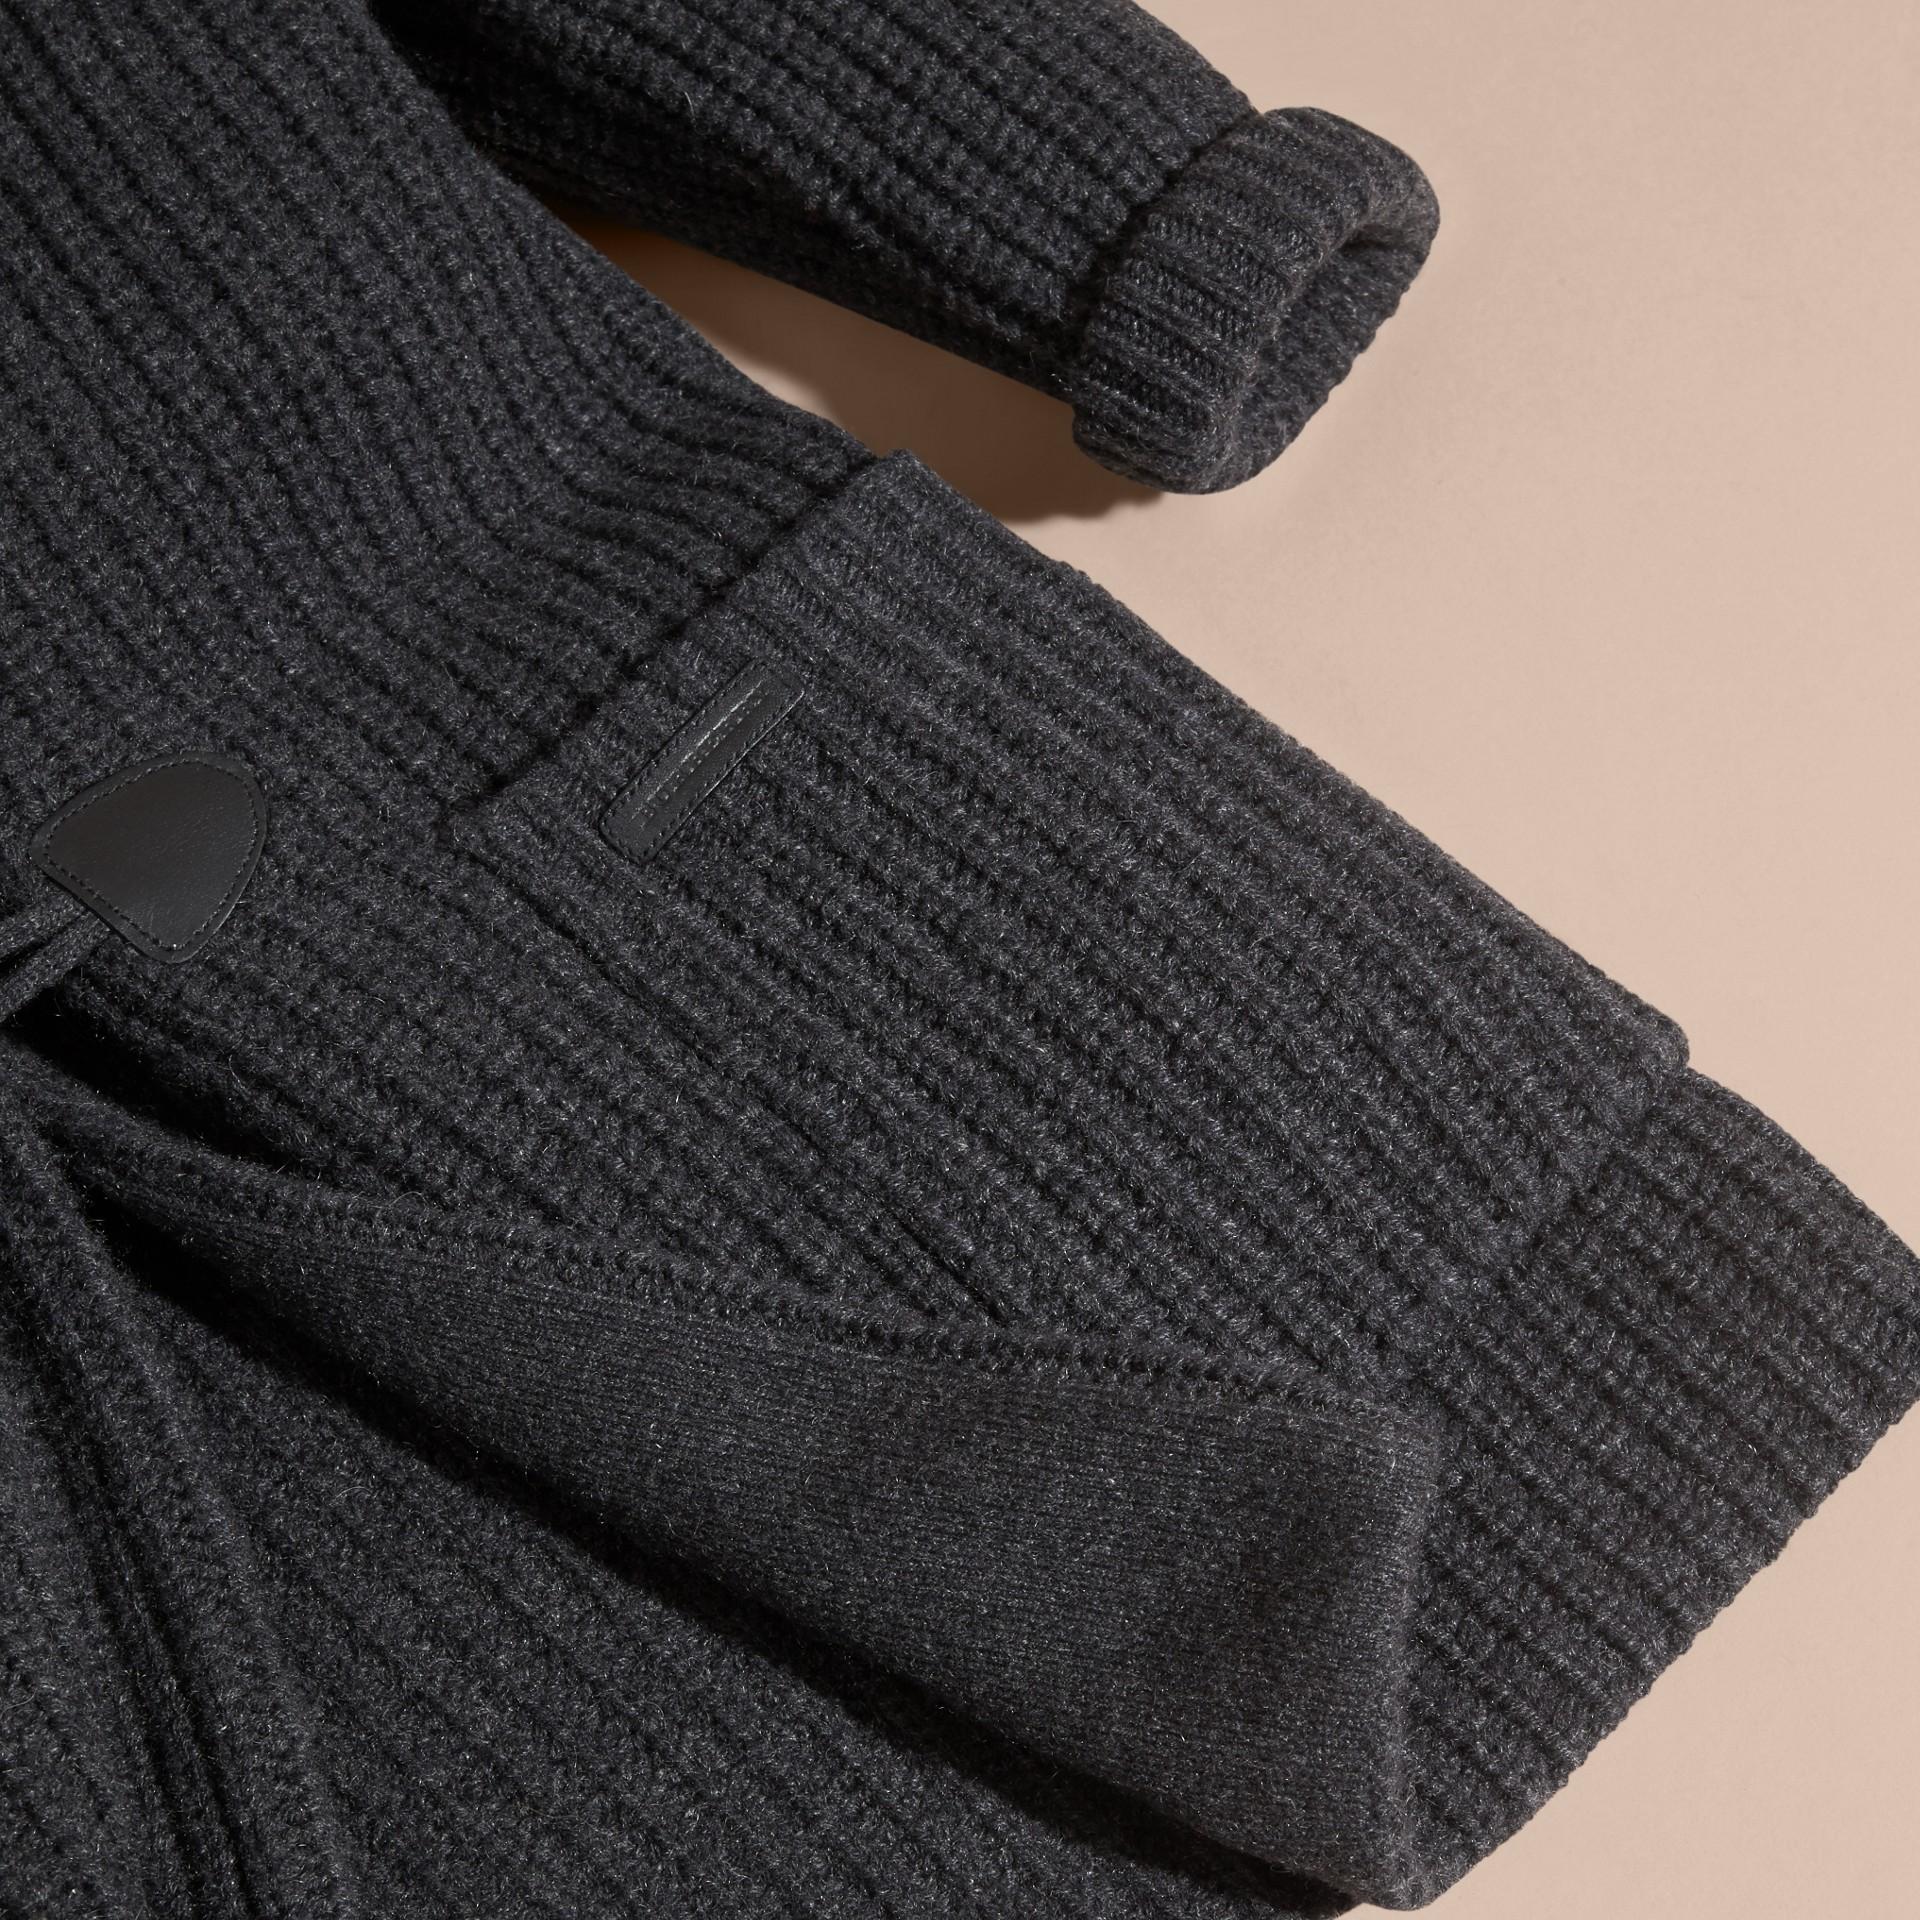 Camaïeu anthracite Cardigan en laine et cachemire avec boutons-olives - photo de la galerie 6